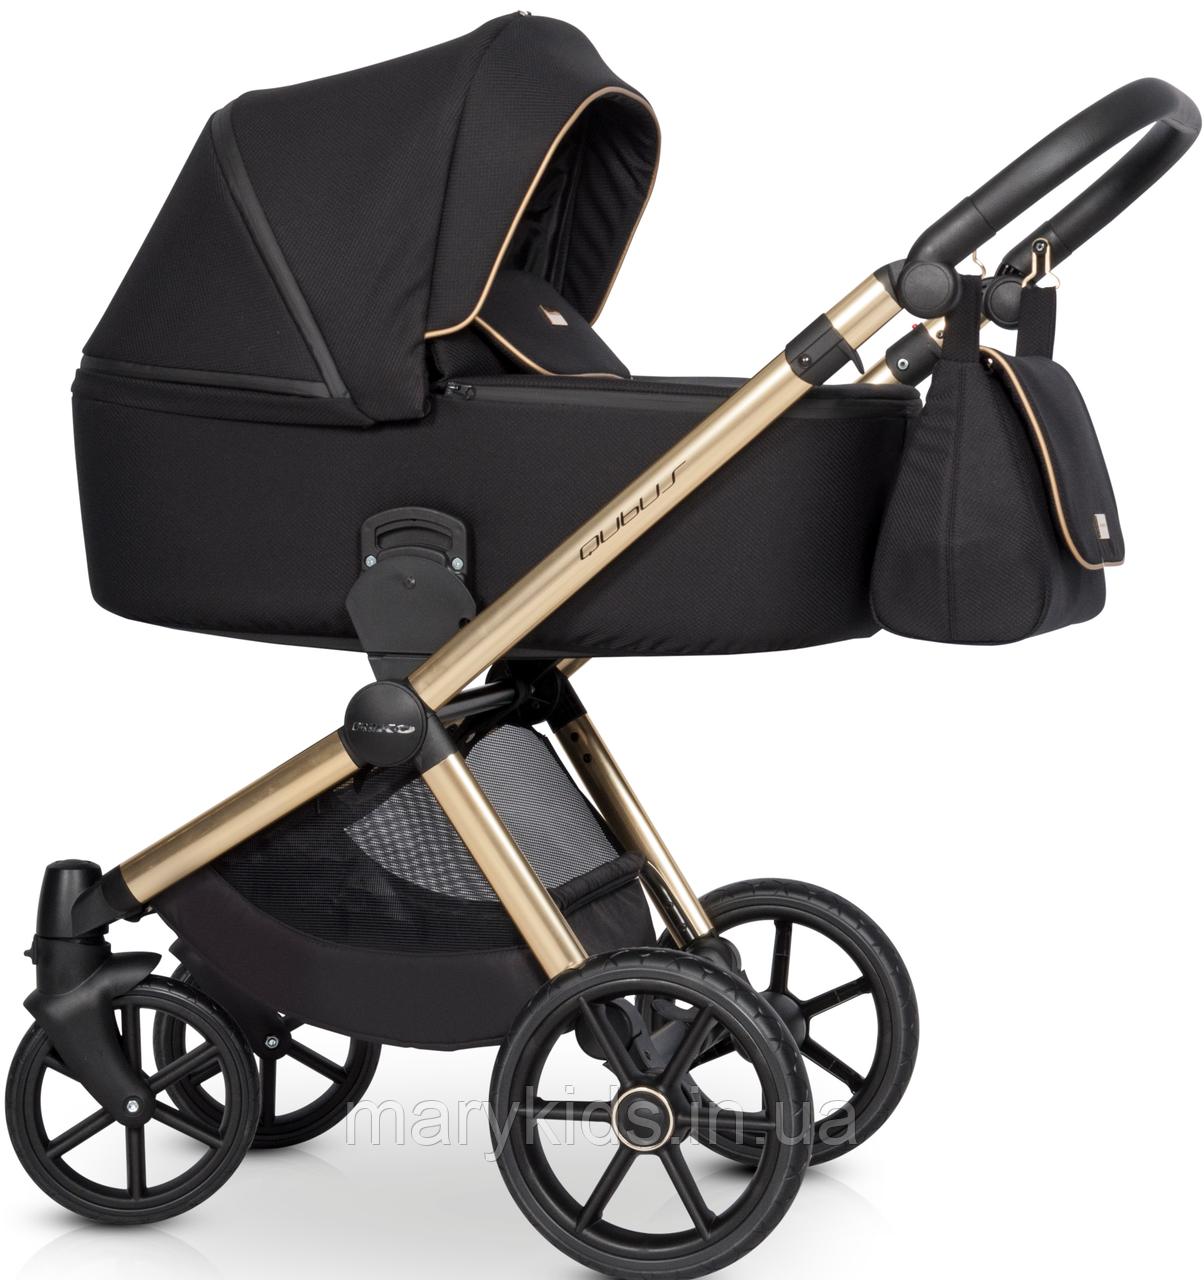 Детская универсальная коляска 2 в 1 Riko Qubus 05 Gold